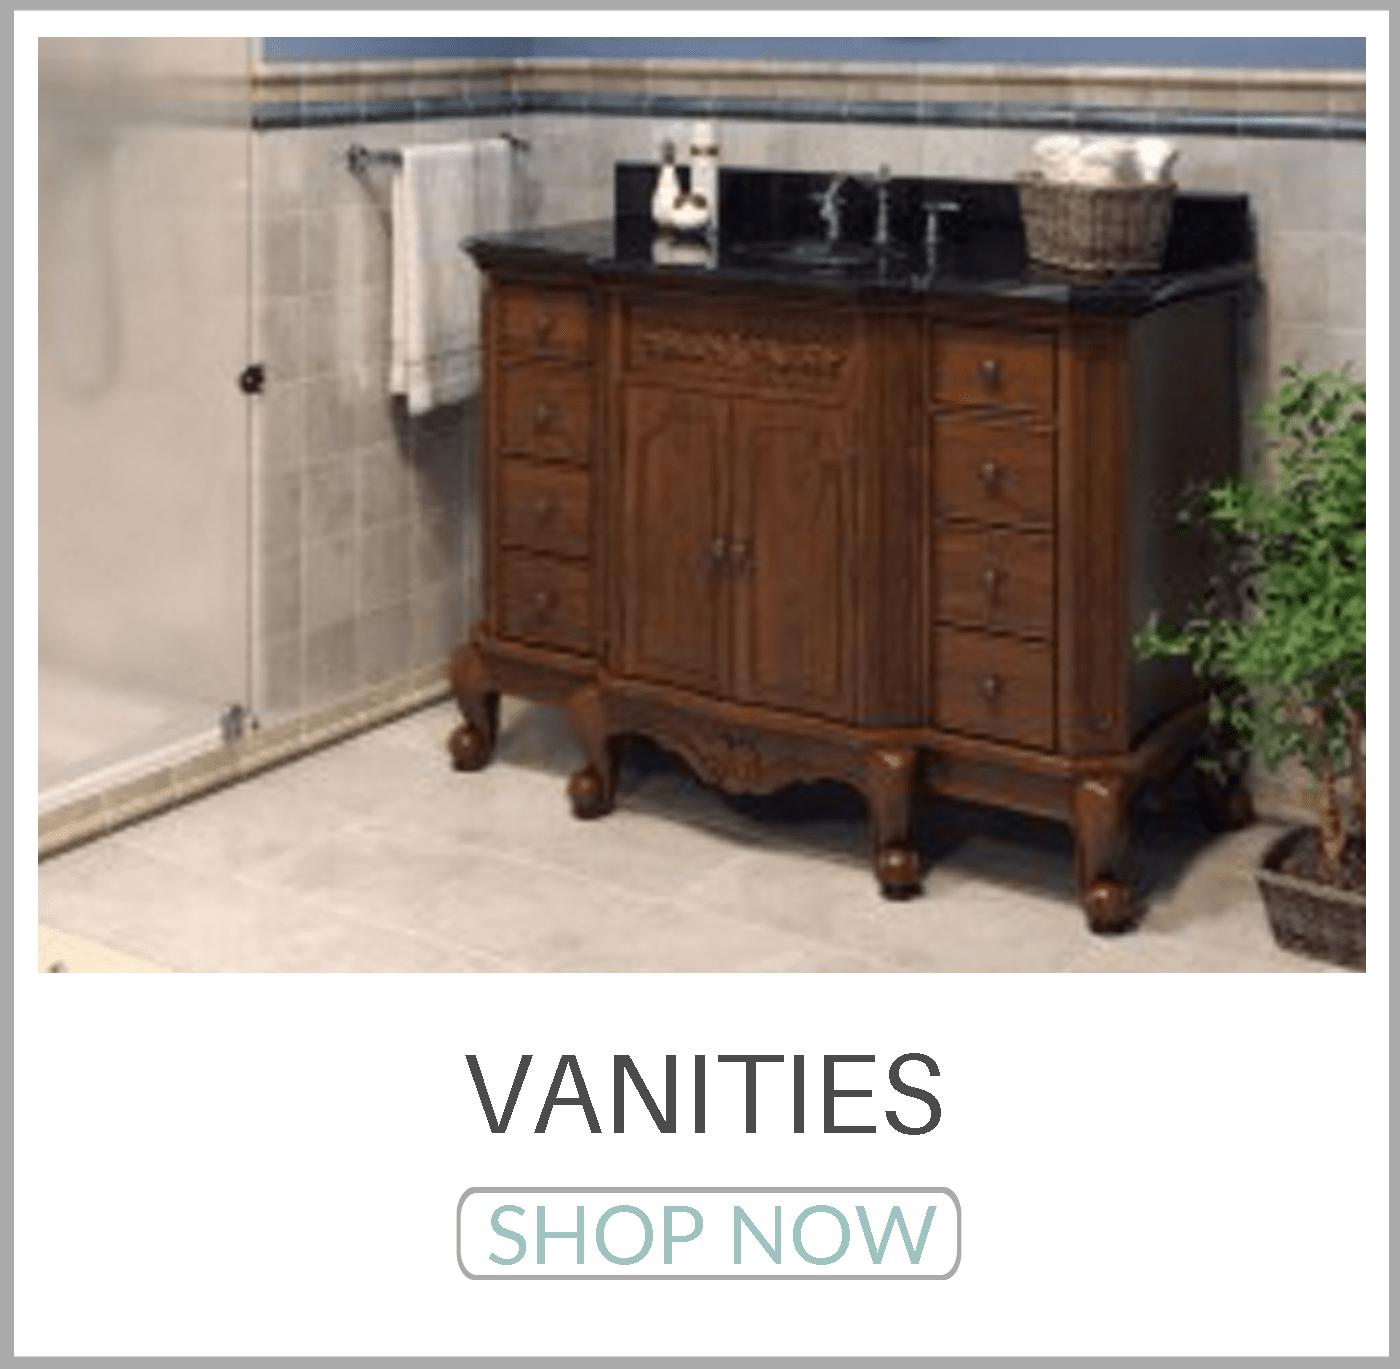 Vanity SHOP NOW